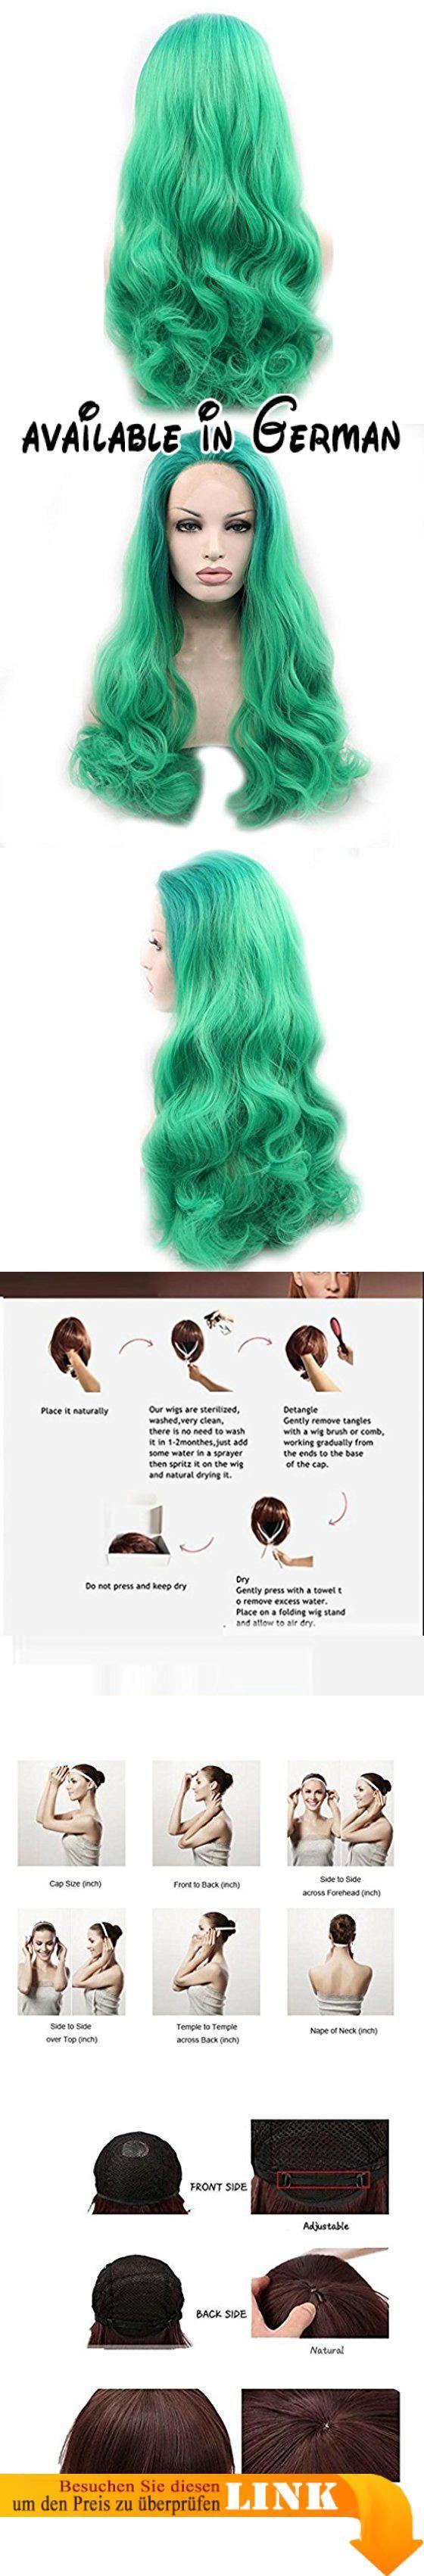 Perücke Europa und Amerika realistische Frau Cosplay grünen großen Wellen vor der Spitze chemische Faser Hochtemperatur Silk Perücke. einzigartige und stilvolle Frisur Perücke aussieht wie ihr echtes Haar.. Die Farbe erhellt Ihre Haut und macht Sie modisch und charmant.. Es ist eine ausgezeichnete Toupet für Männer, fast kein vergießen. Lange dauern.. 100% menschliches Haar-System, weich genug, sieht natürlich, leichte Welle Toupet für Männer, natürlich aussehende,